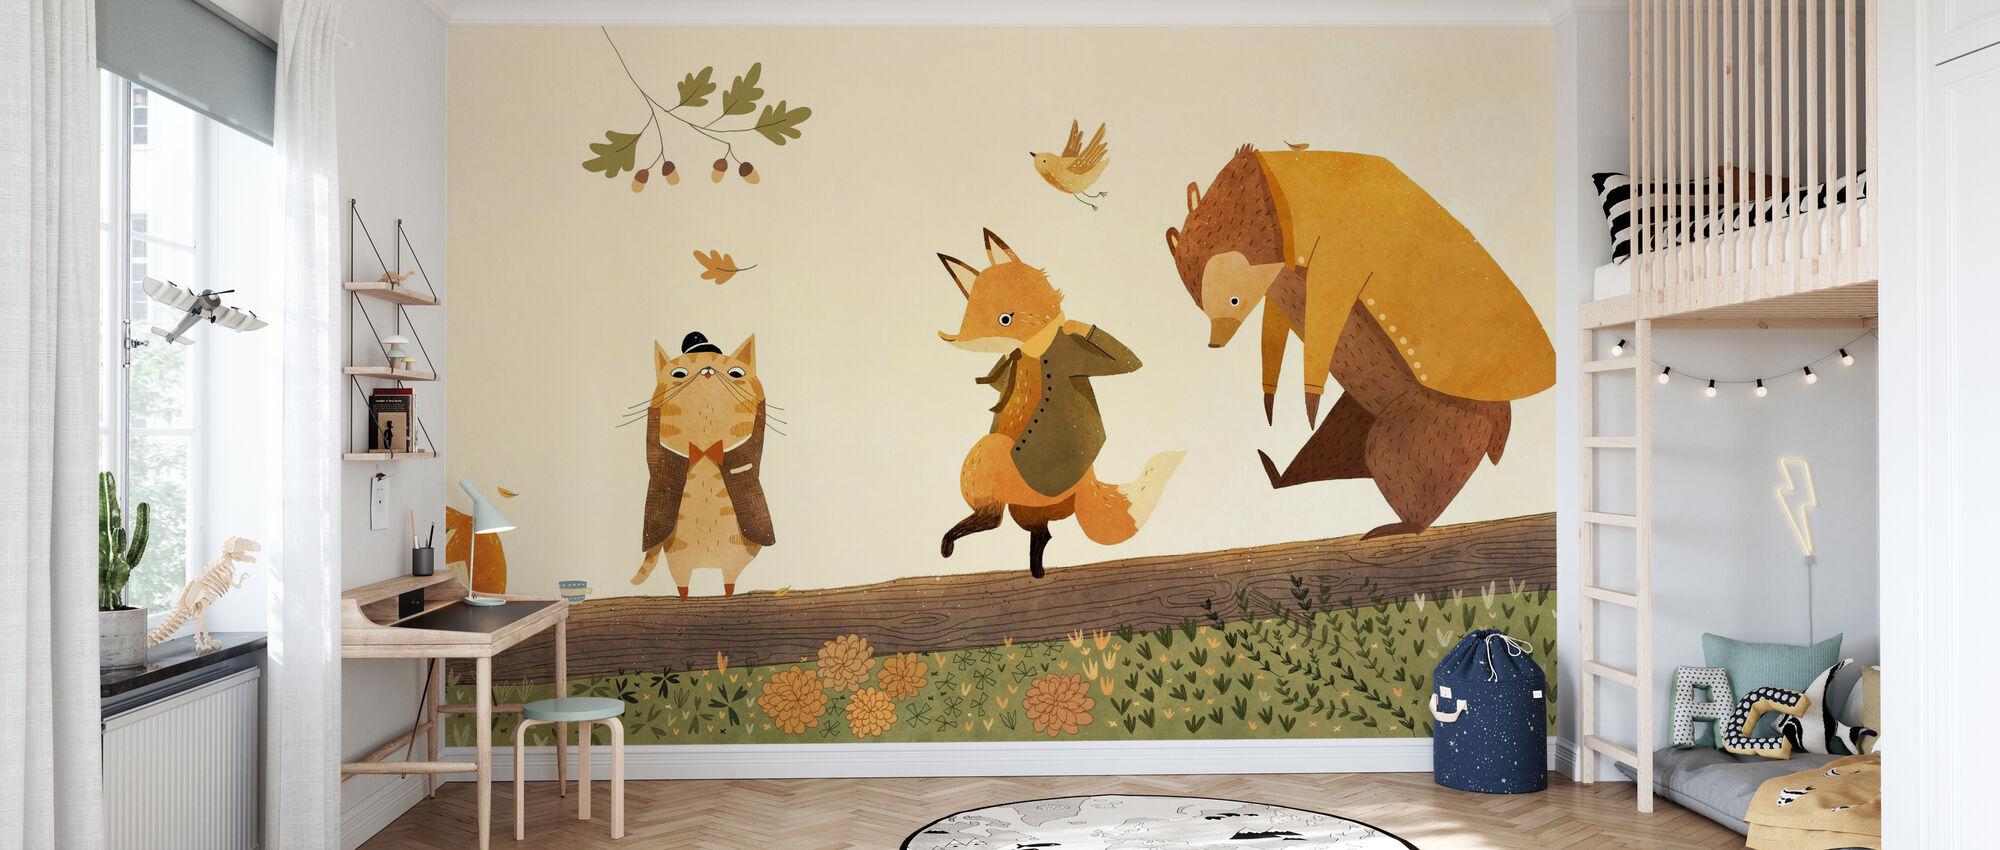 Head Shoulders Knees and Toes - Wallpaper - Kids Room